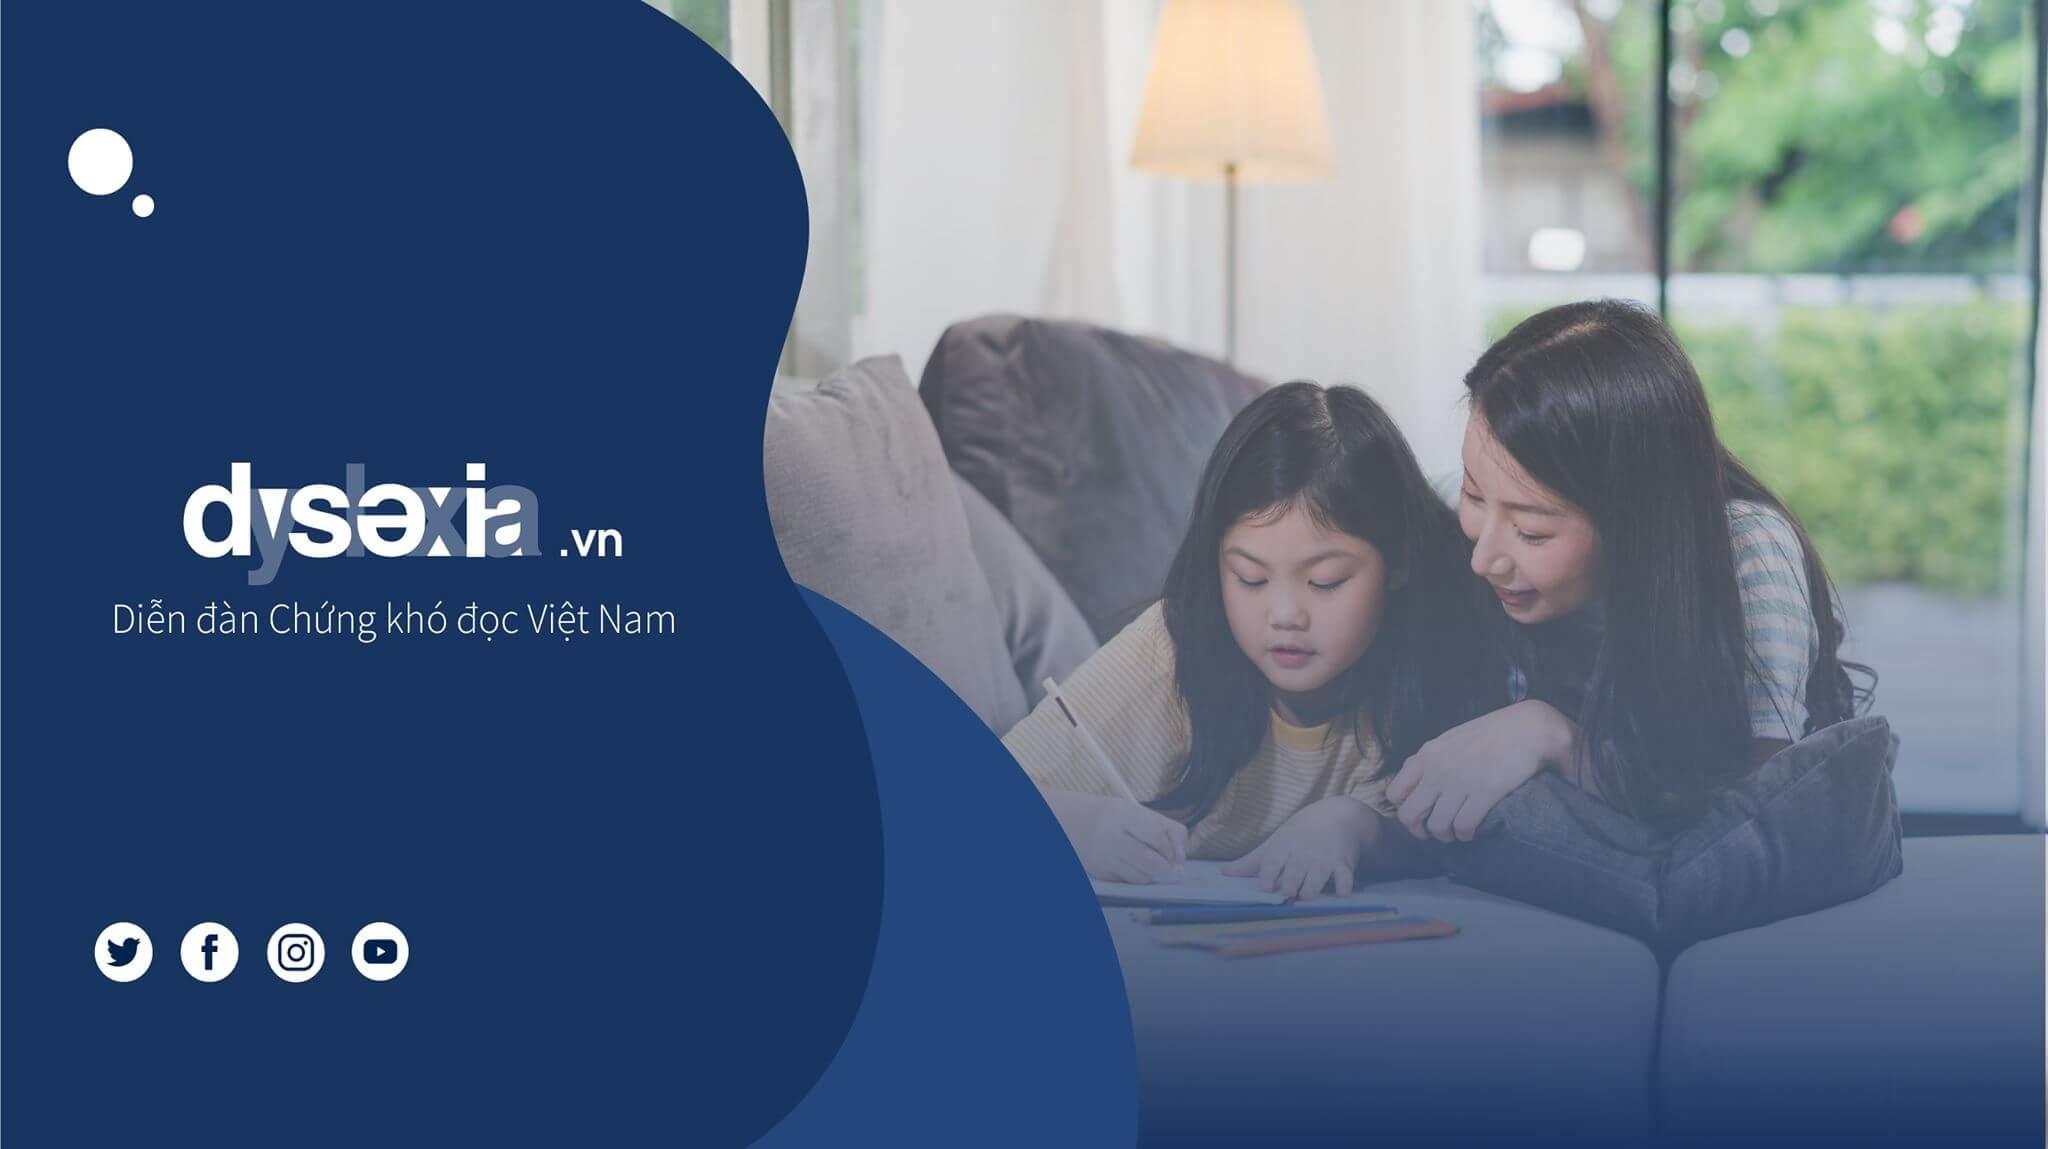 Chứng Khó Đọc - Dyslexia Việt Nam (@dyslexiavn) Cover Image